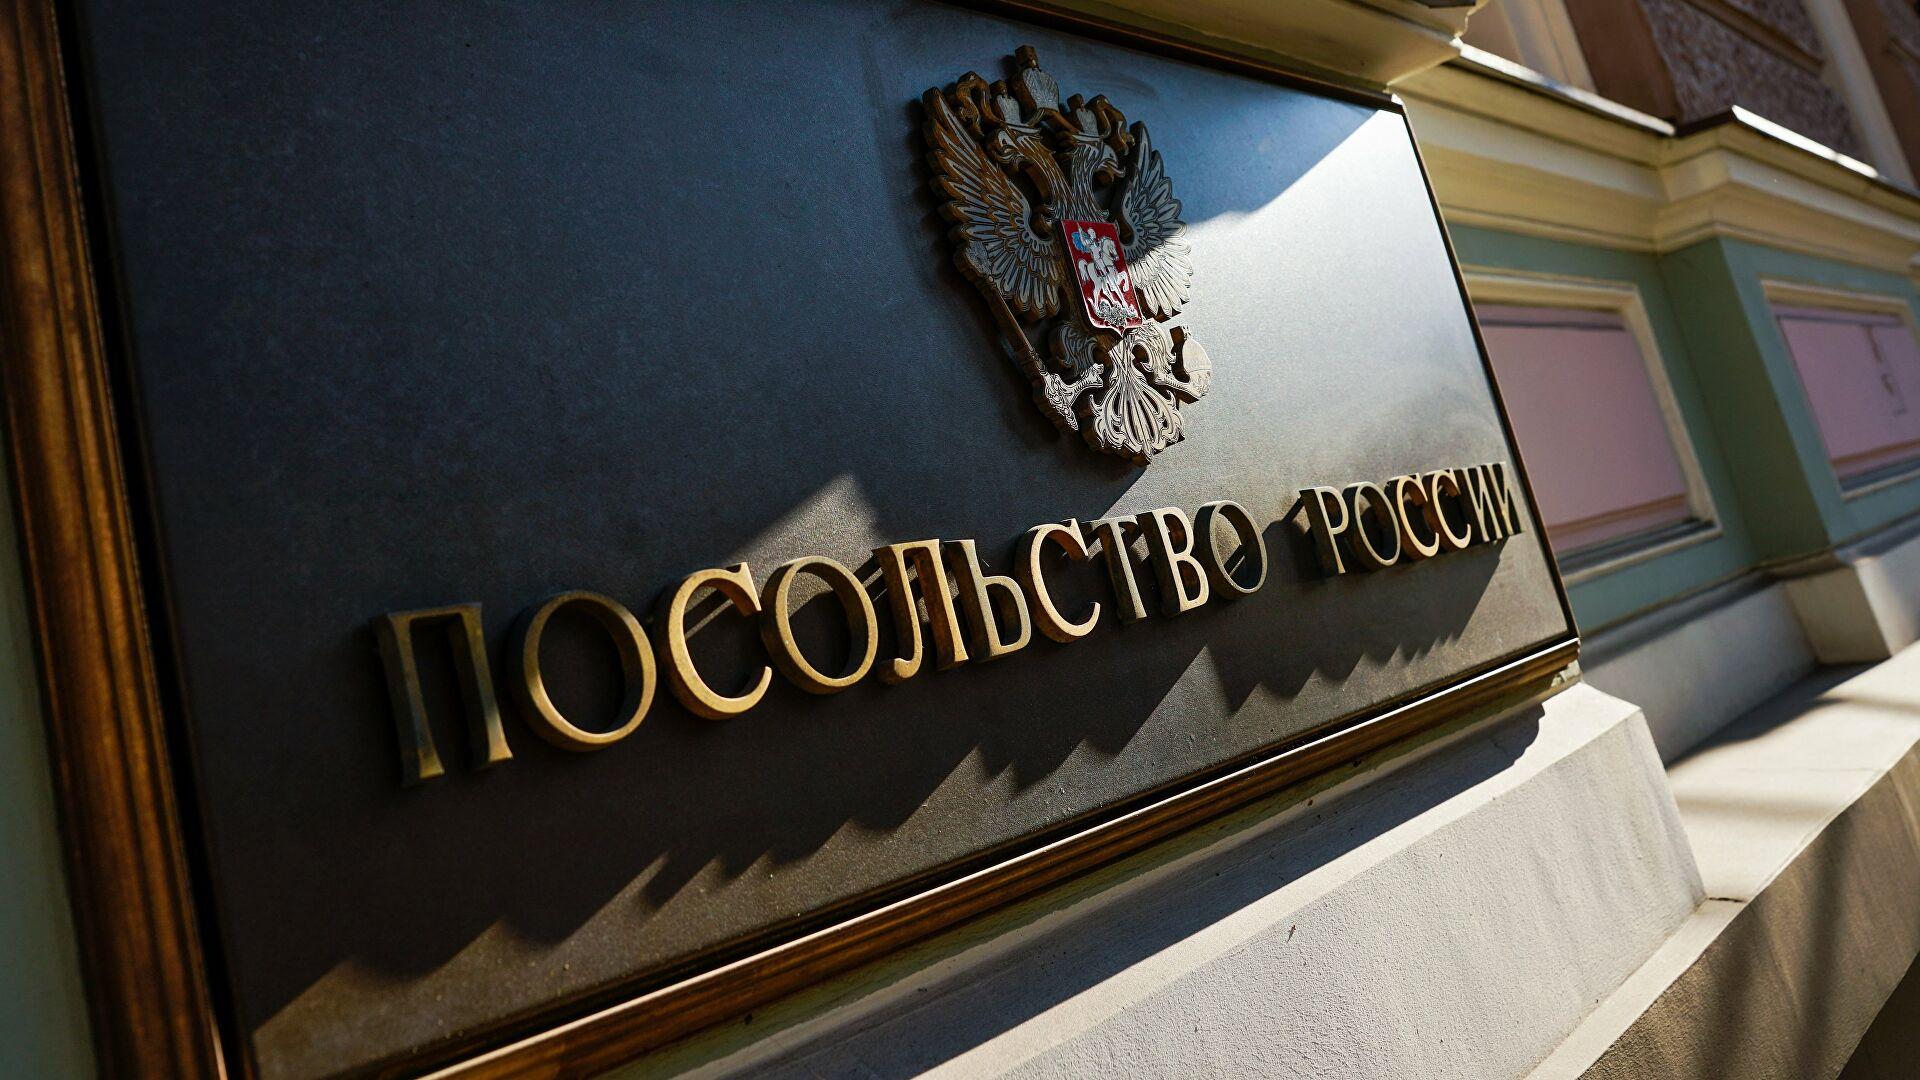 Letonija, Litvanija i Estonija proteruju ruske diplomate